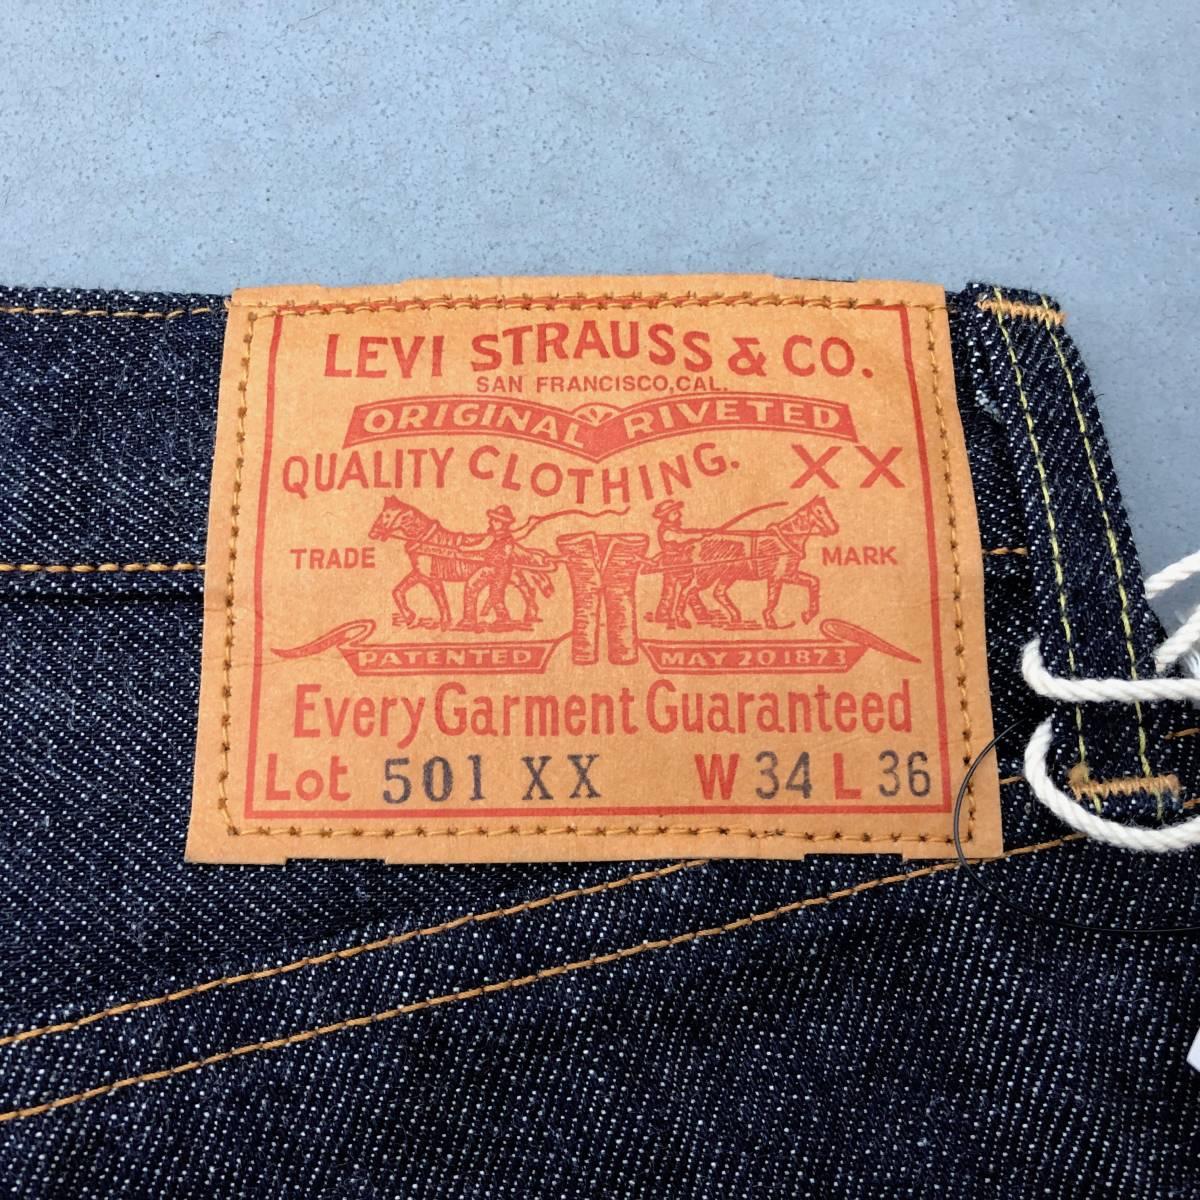 旧 米国製 1955モデル 日本企画 LEVI'S VINTAGE CLOTHING 501XX 55501-0051 W34 L36 リジッド 新品デニムパンツ アメリカUSA製 50s 55s LVC_画像4